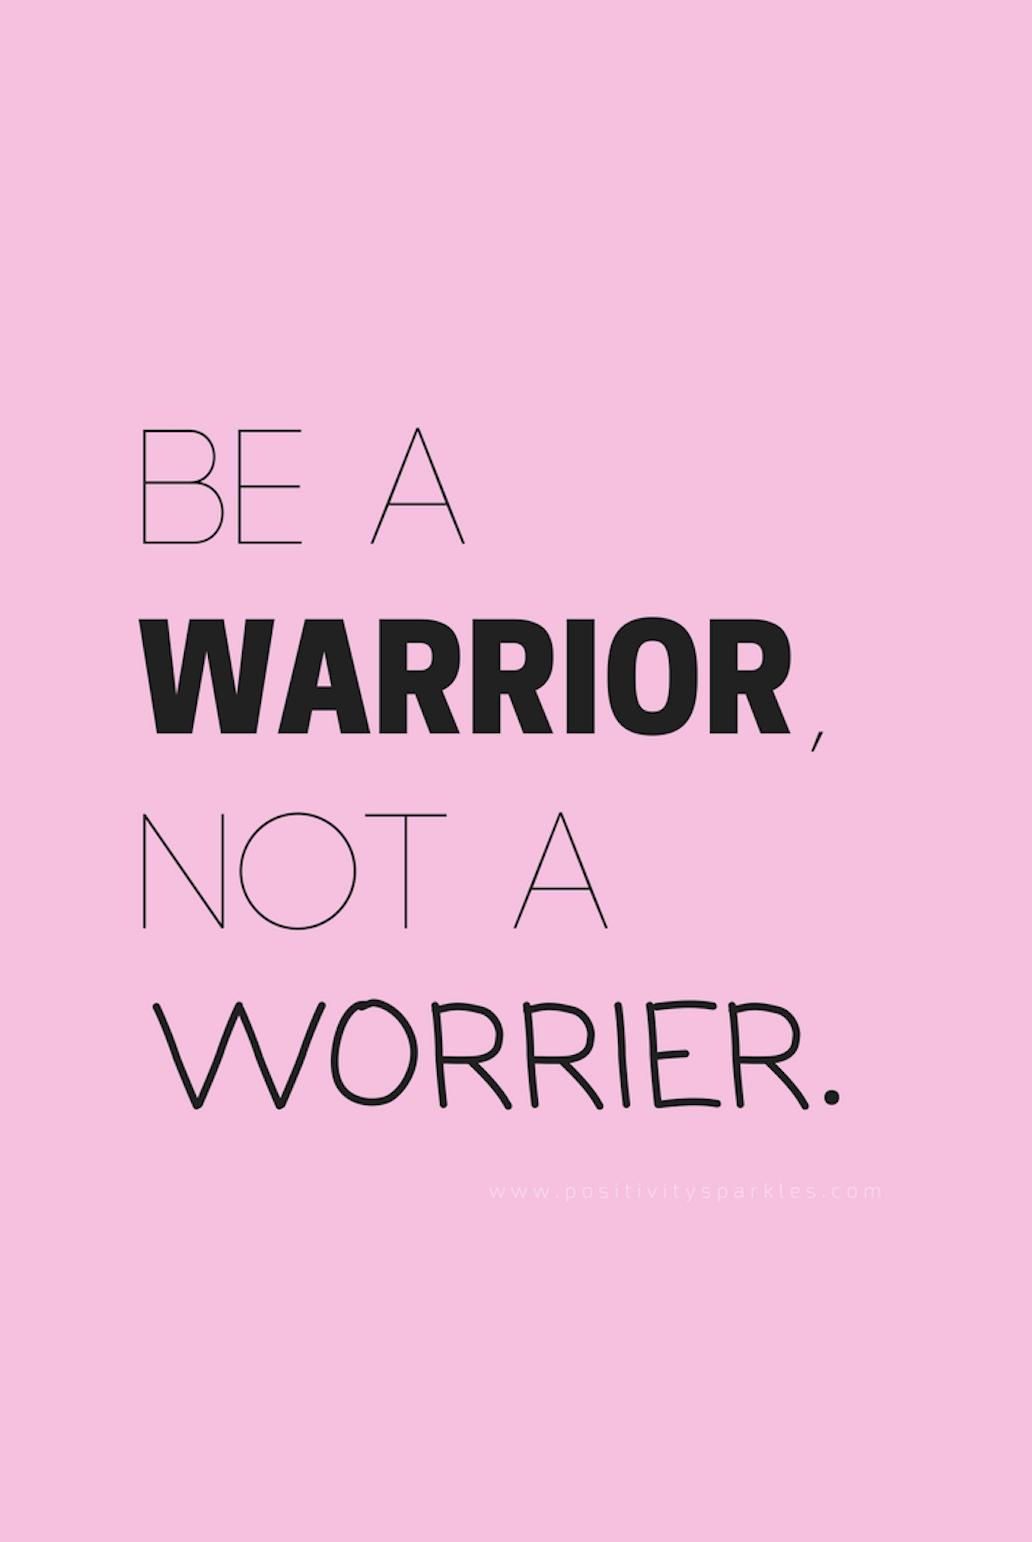 """""""Be a warrior, not a worrier."""" - Positivity Sparkles"""